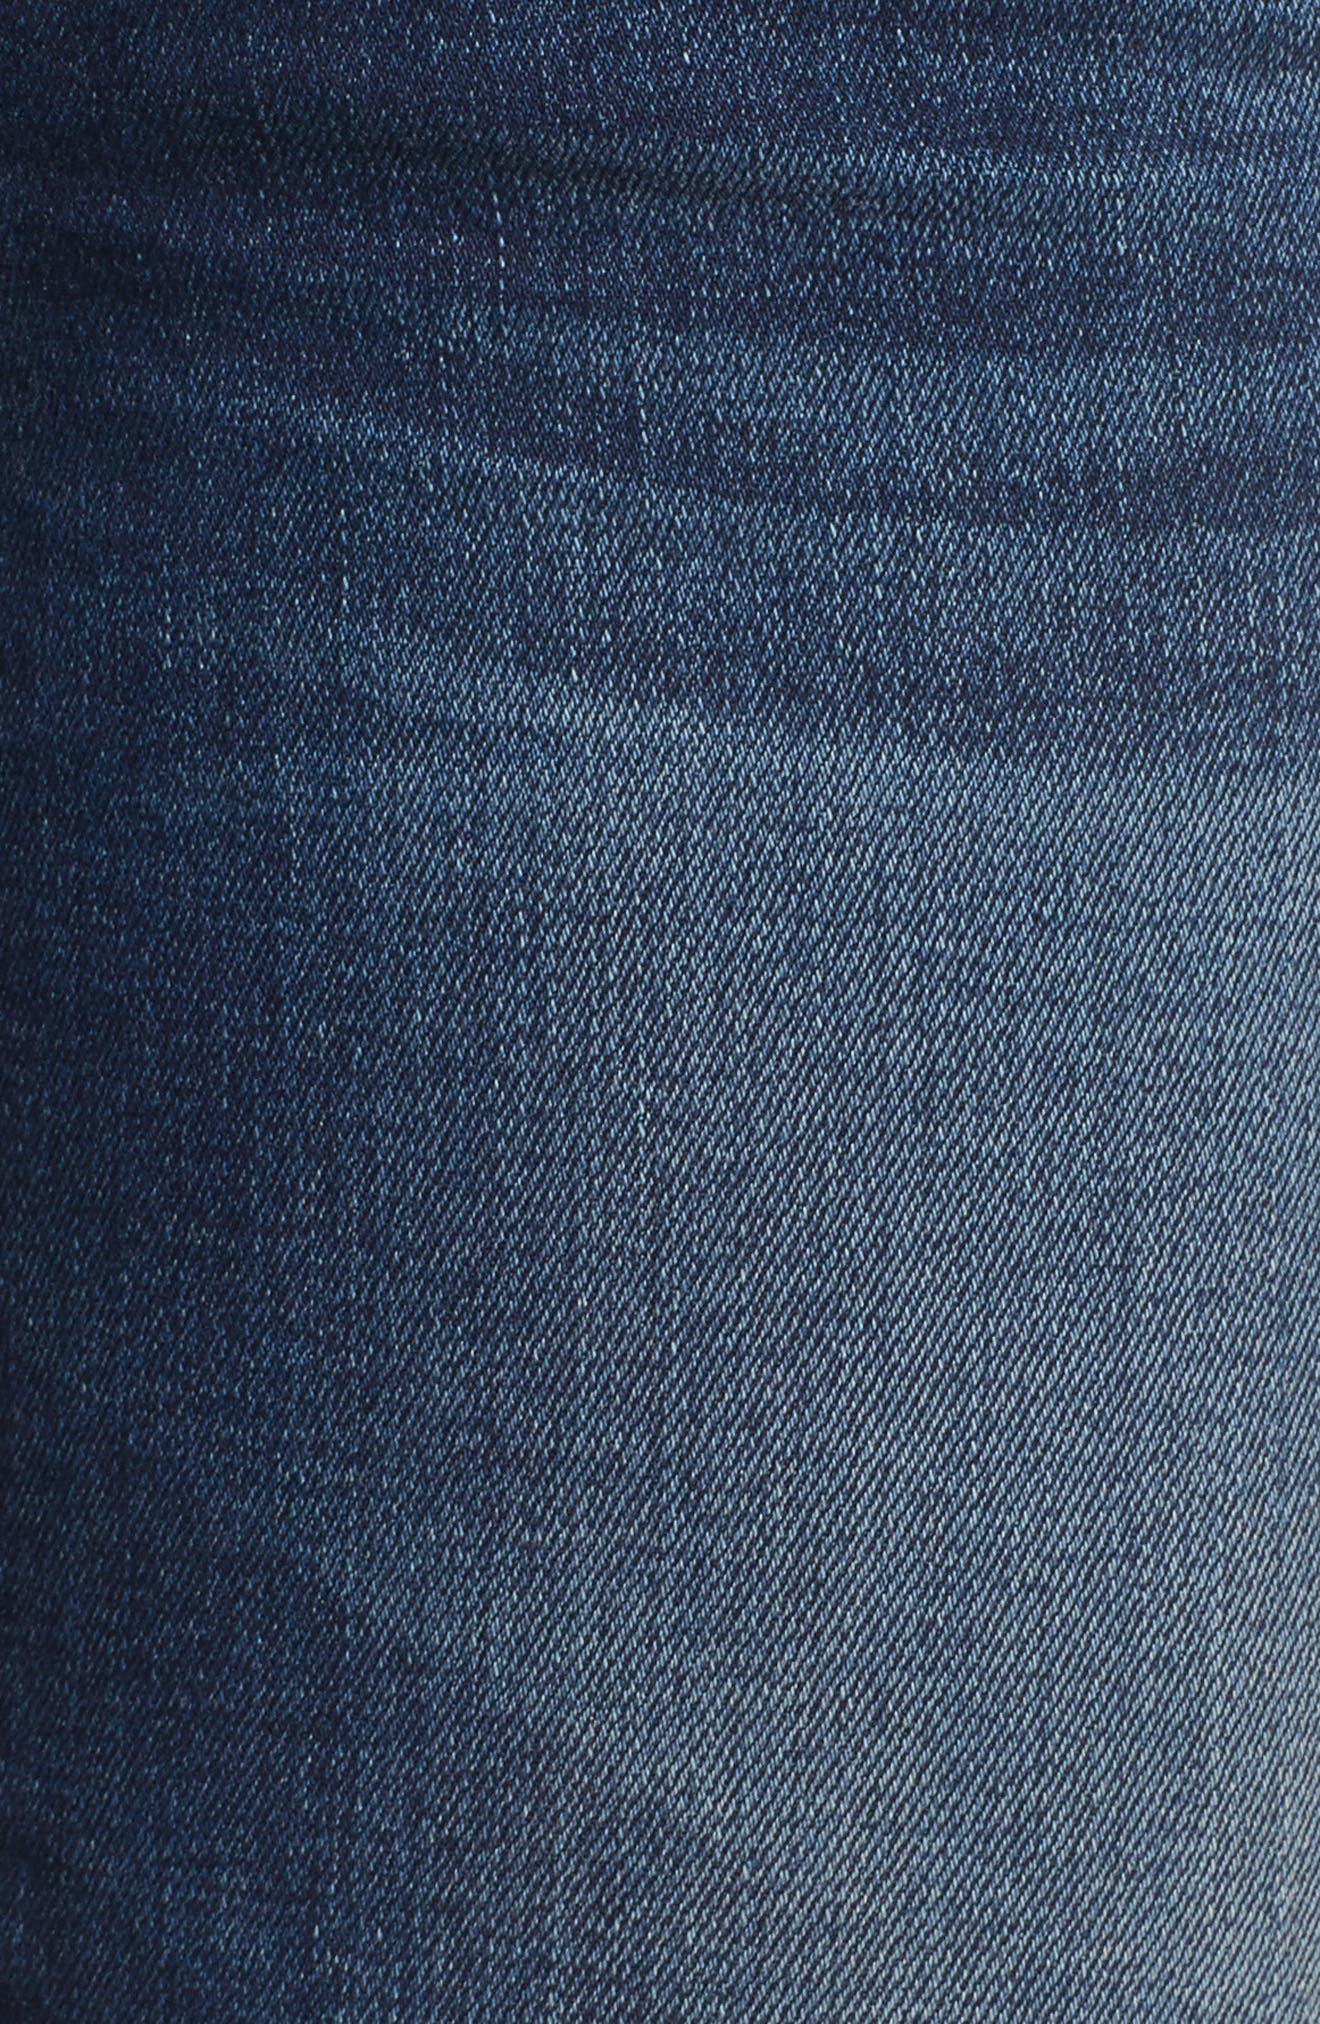 Emma Rose Embroidered Step Hem Jeans,                             Alternate thumbnail 5, color,                             400